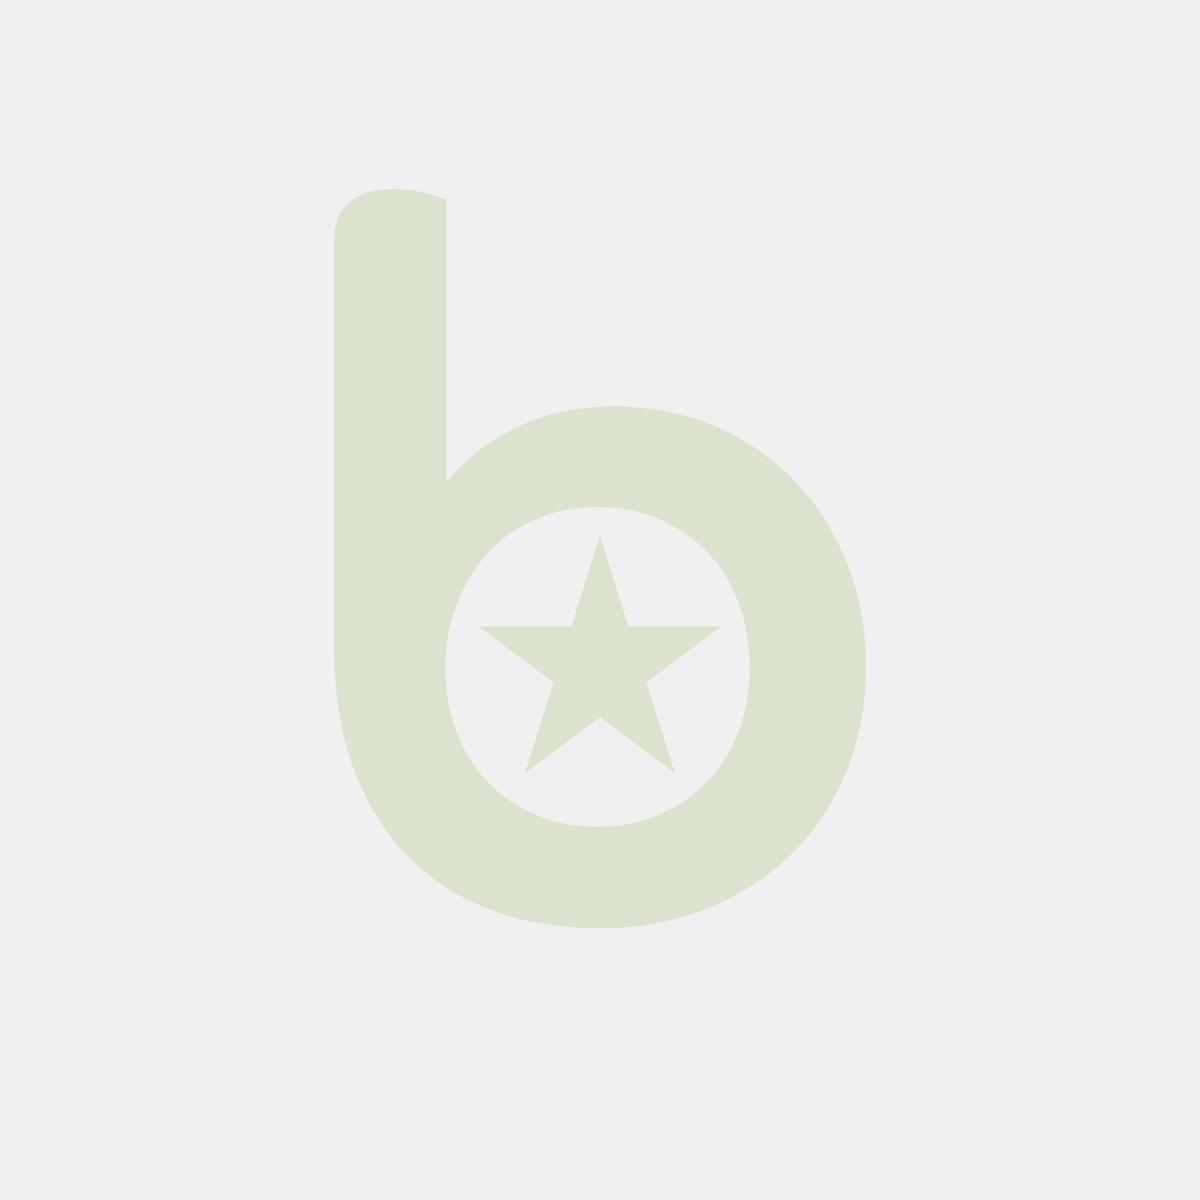 Taśma pakowa akrylowa 48/50y przeźroczysta, op. 6 sztuk